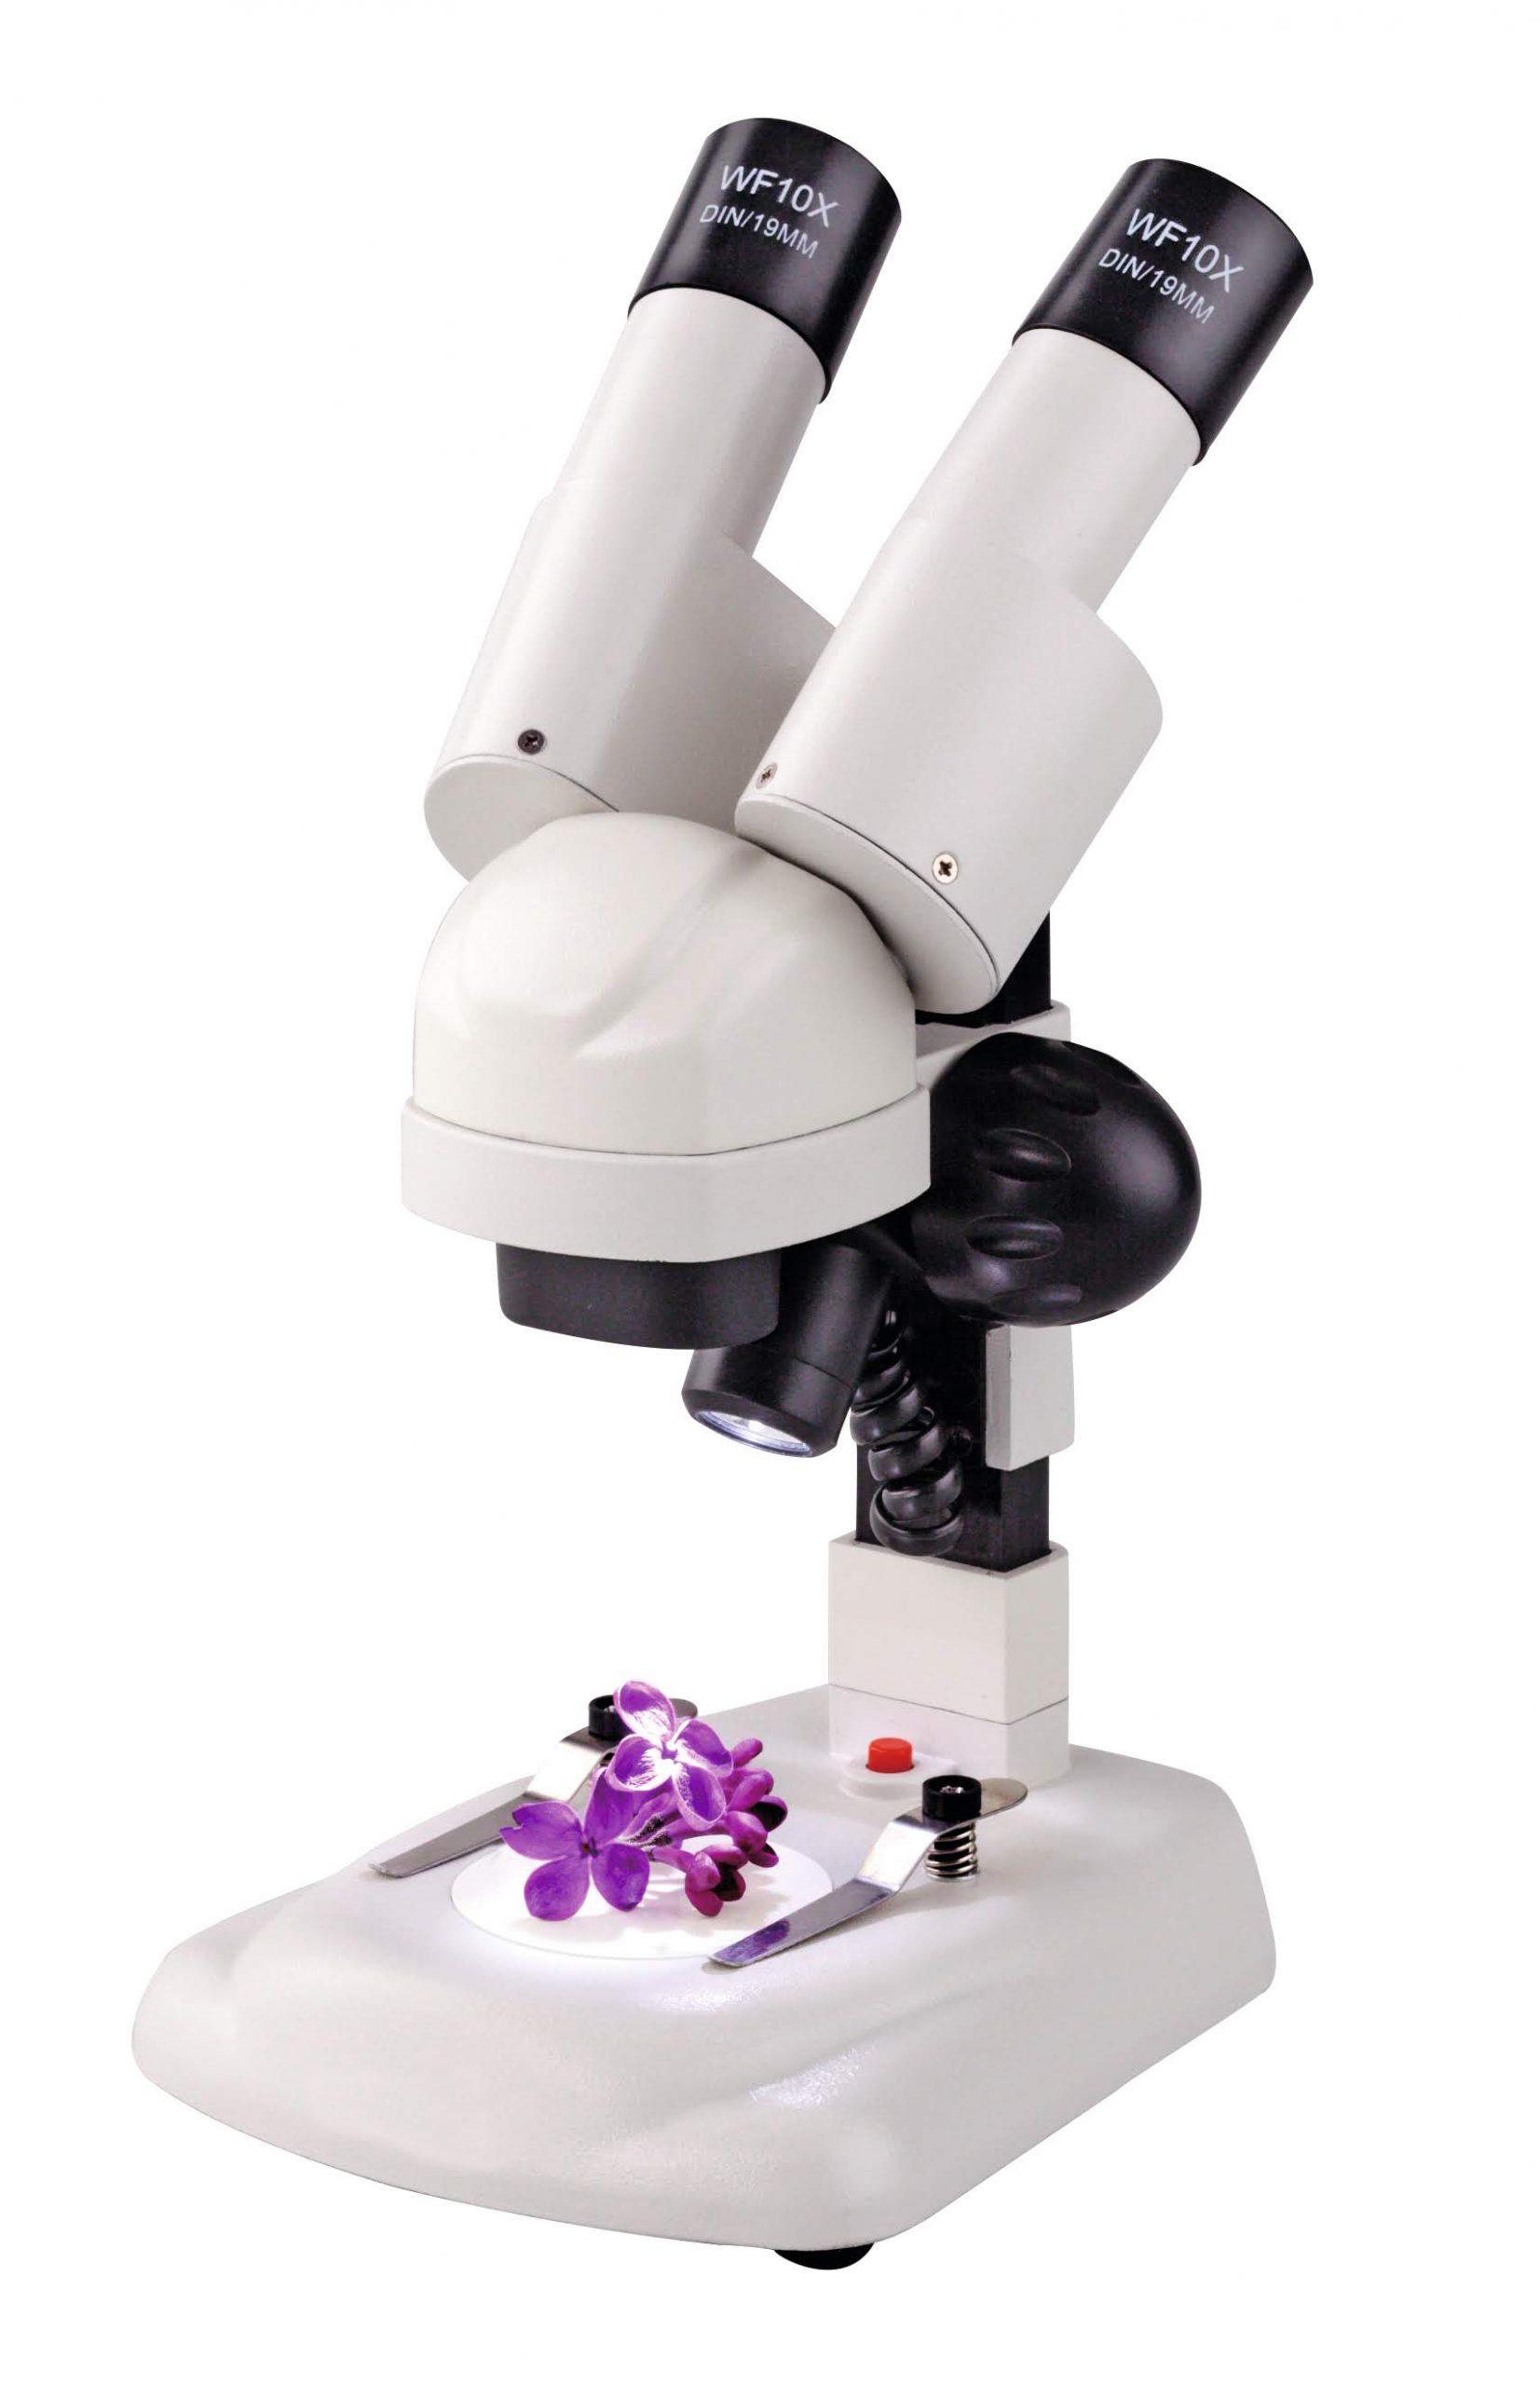 Microscop optic Stereo pentru elevi • MaterialeDidactice.ro